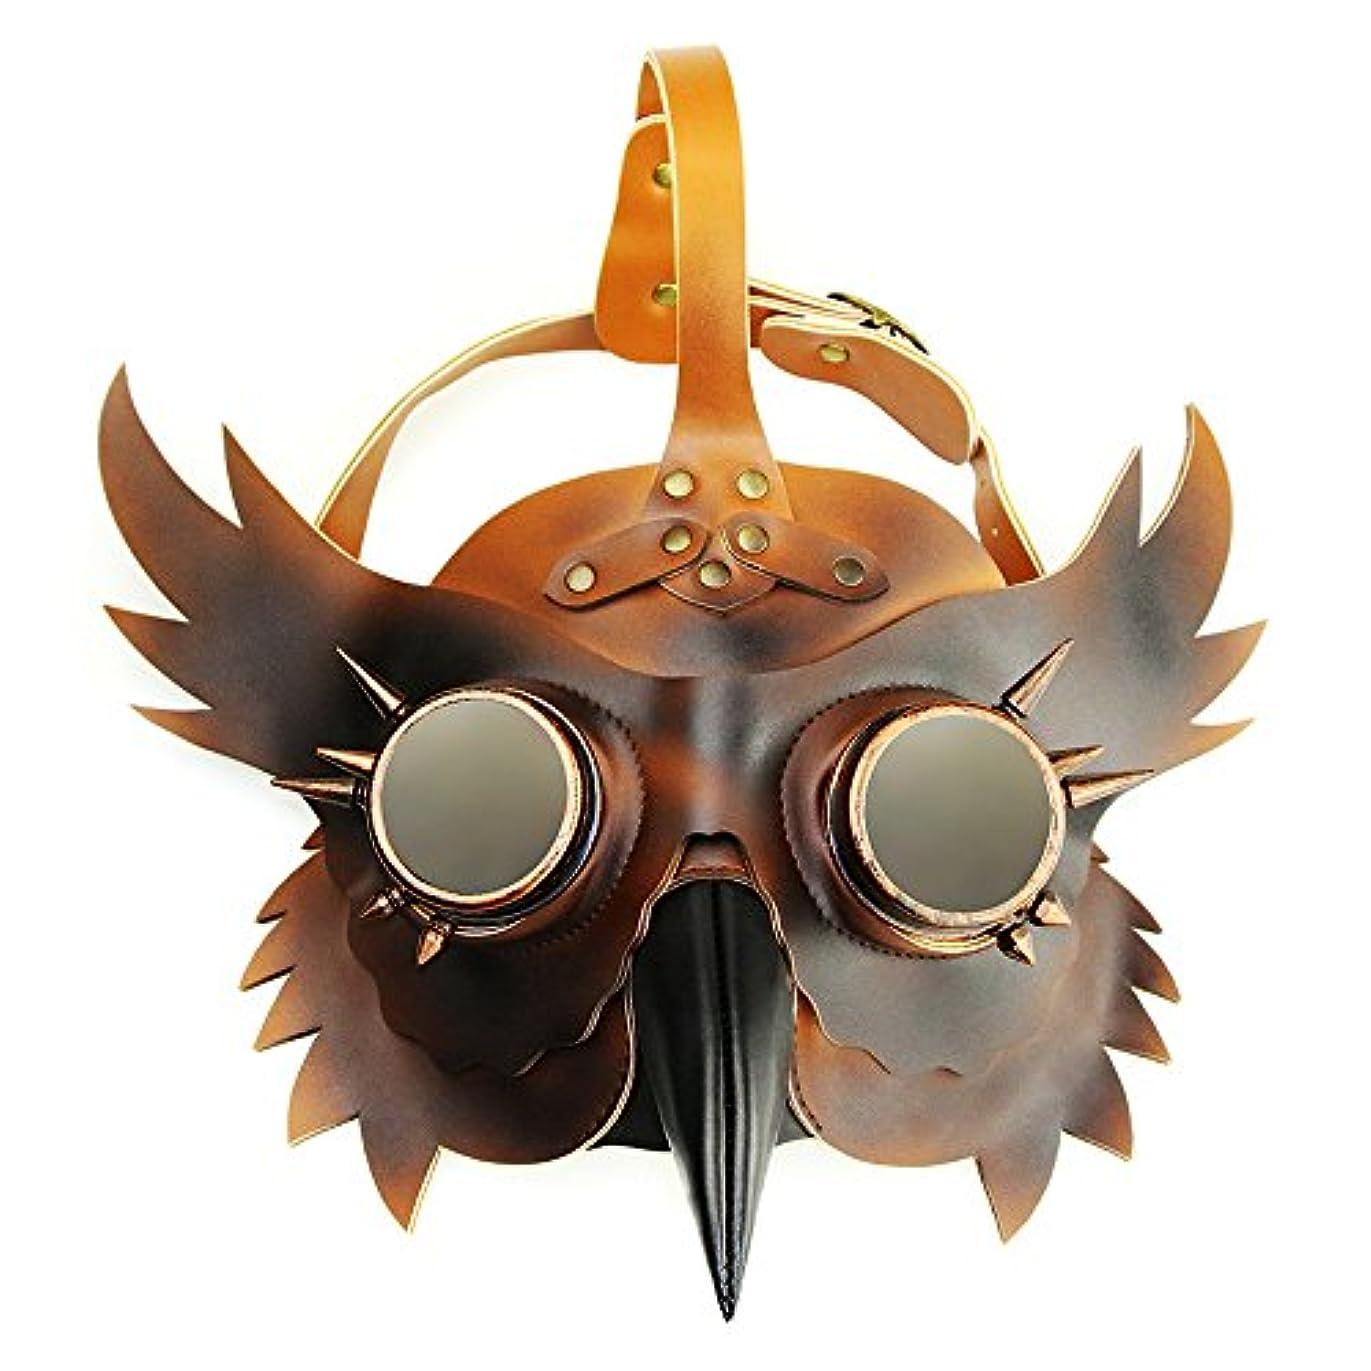 忌避剤研究衝突するくちばしマスクハロウィン小道具ギフト仮面舞踏会マスク